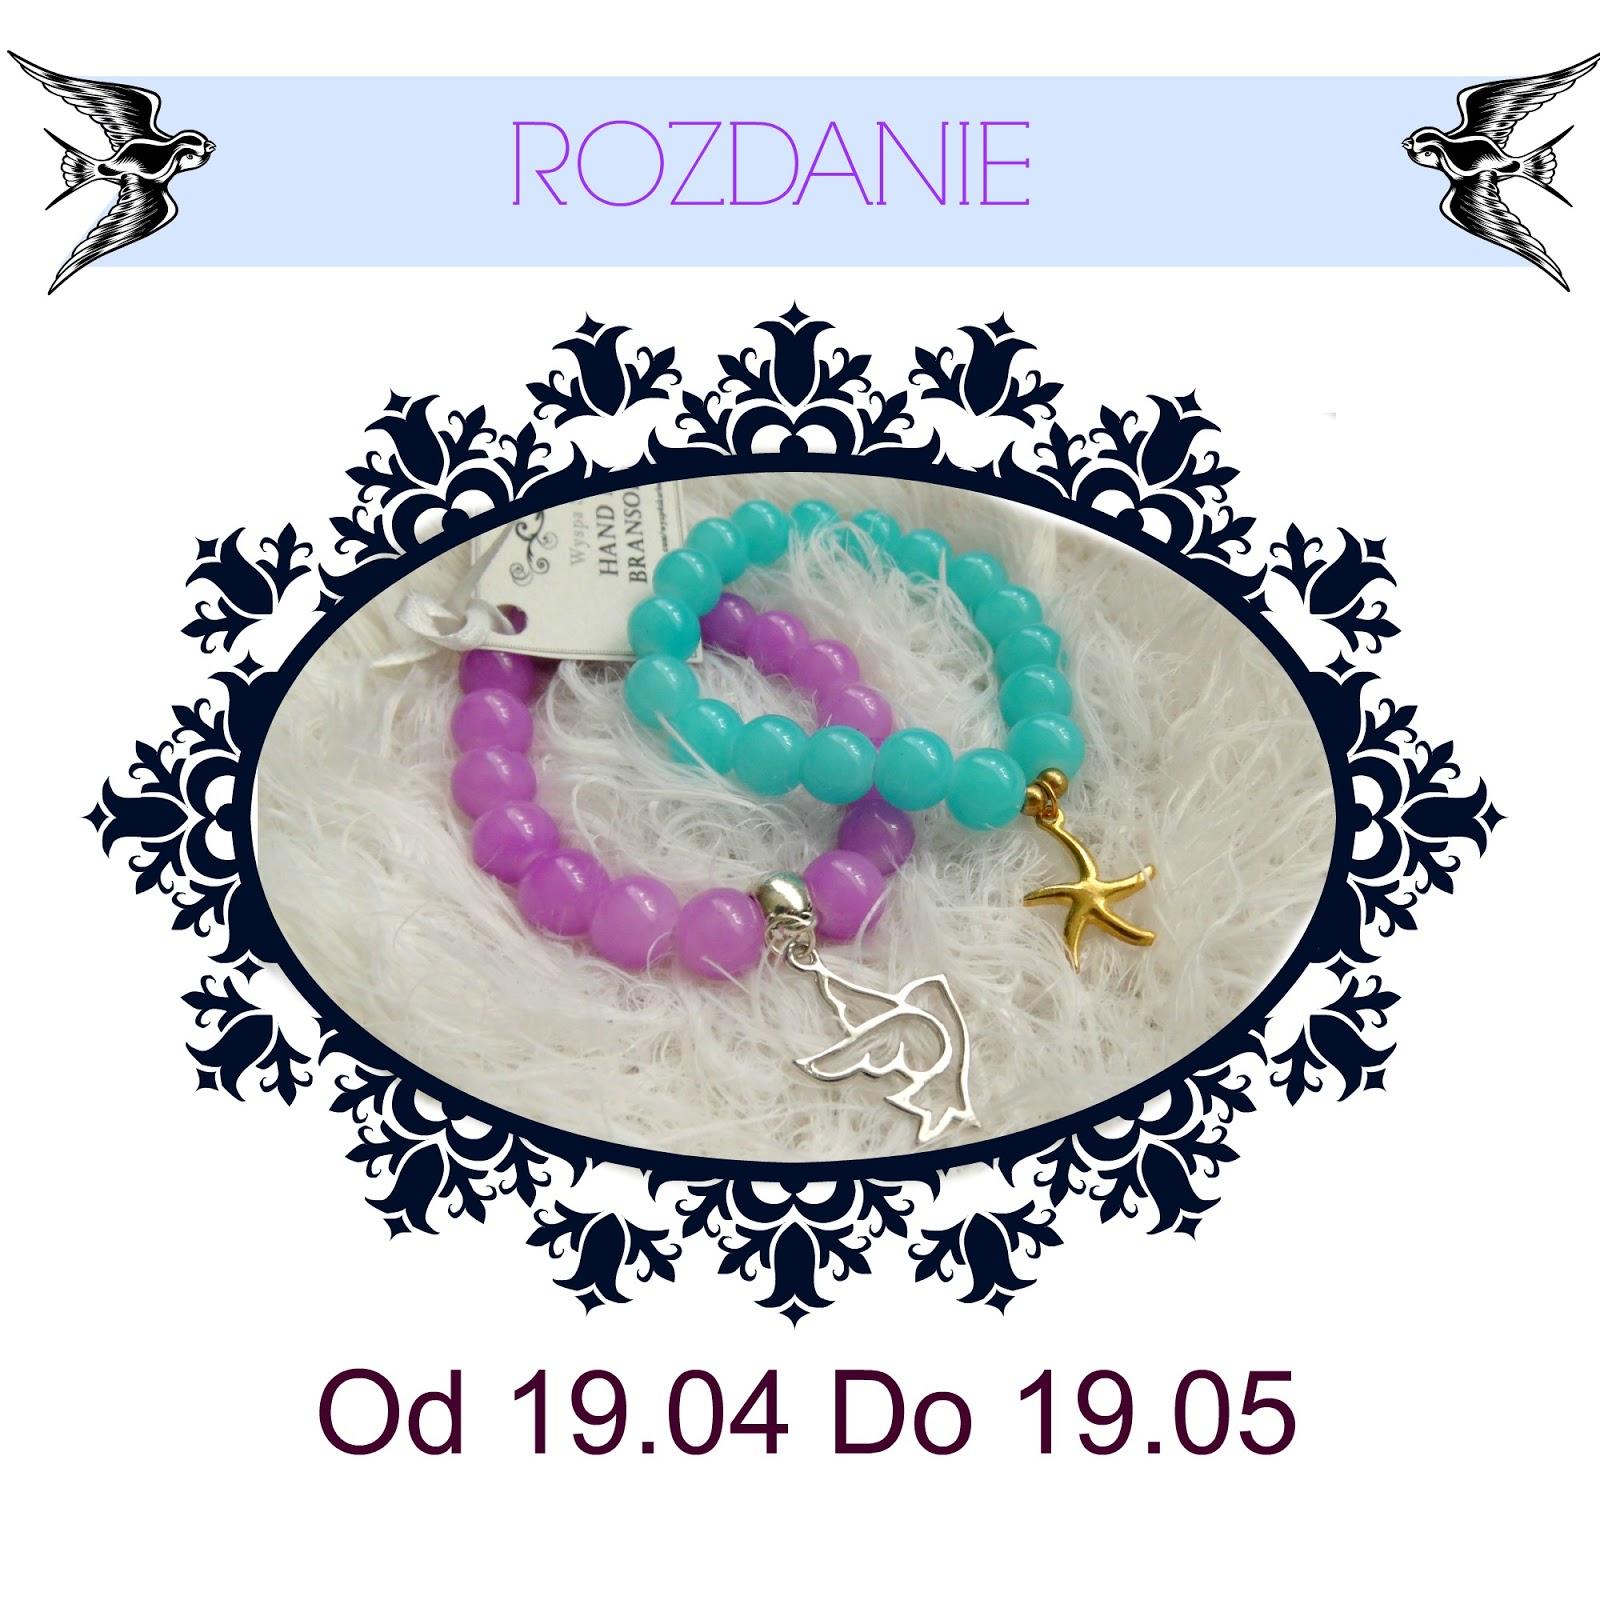 http://www.avida-dolars.blogspot.com/2014/04/rozdanie-wygraj-dwie-bransoletki-w.html